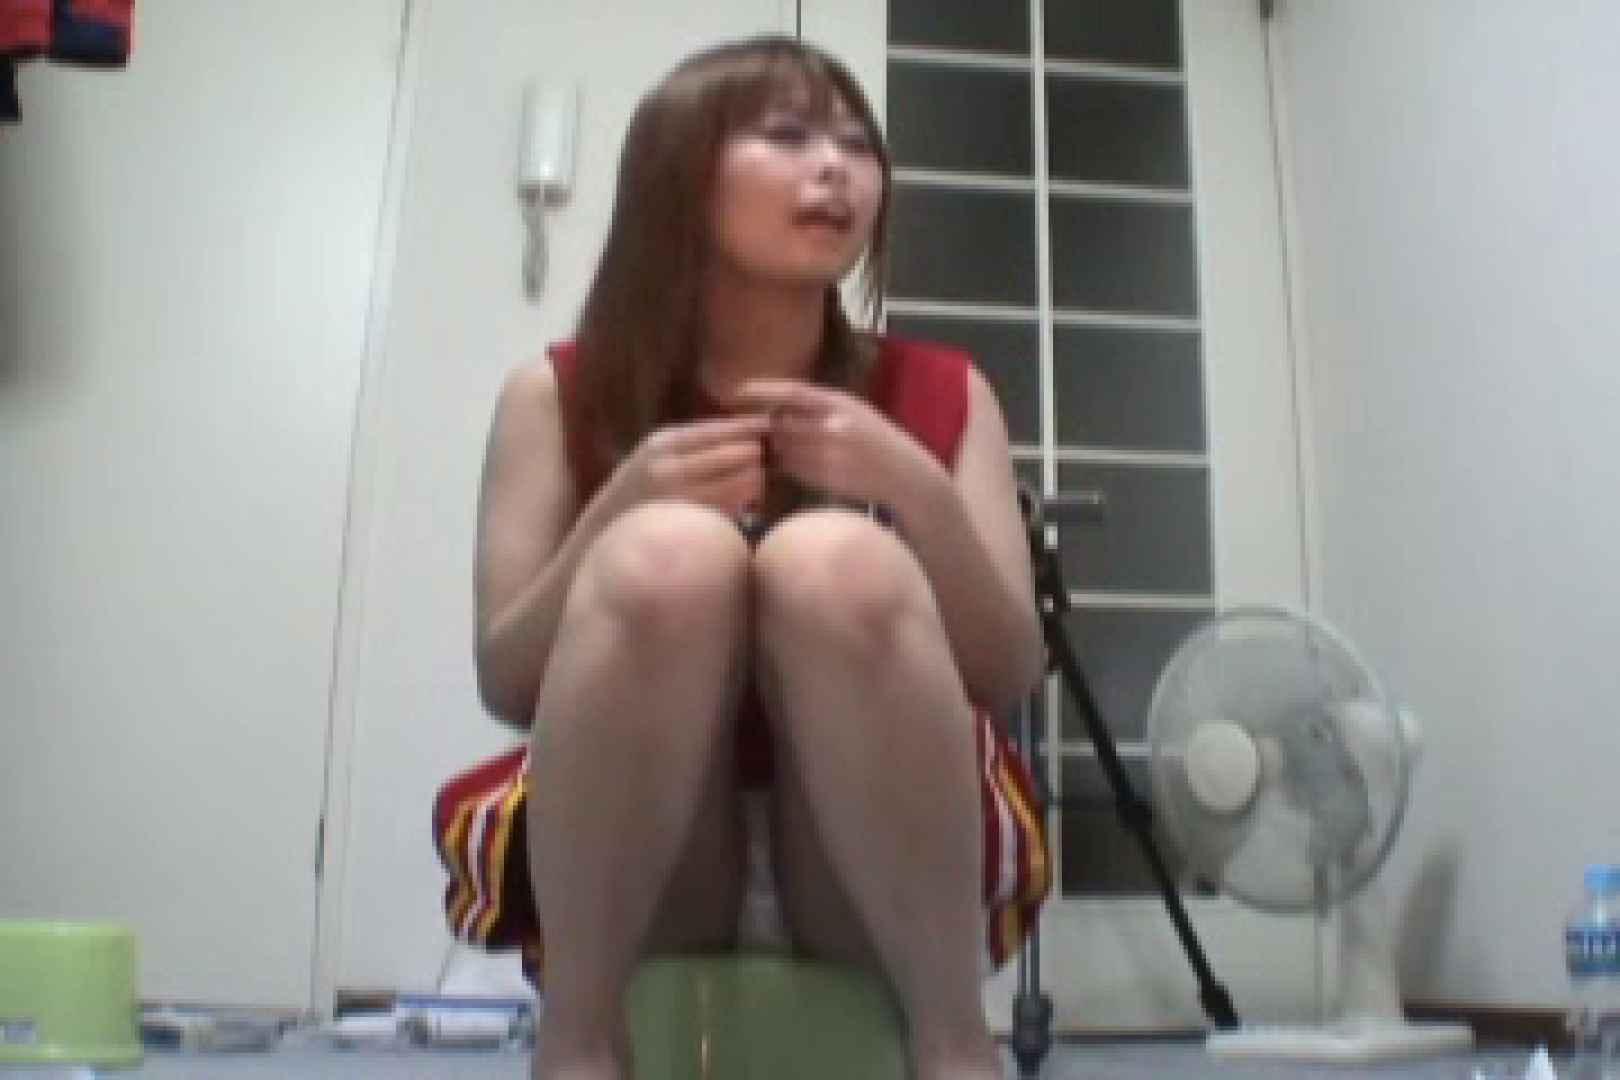 パンツ売りの女の子 ゆづきちゃんvol.2 フェラ のぞき動画画像 66PIX 31